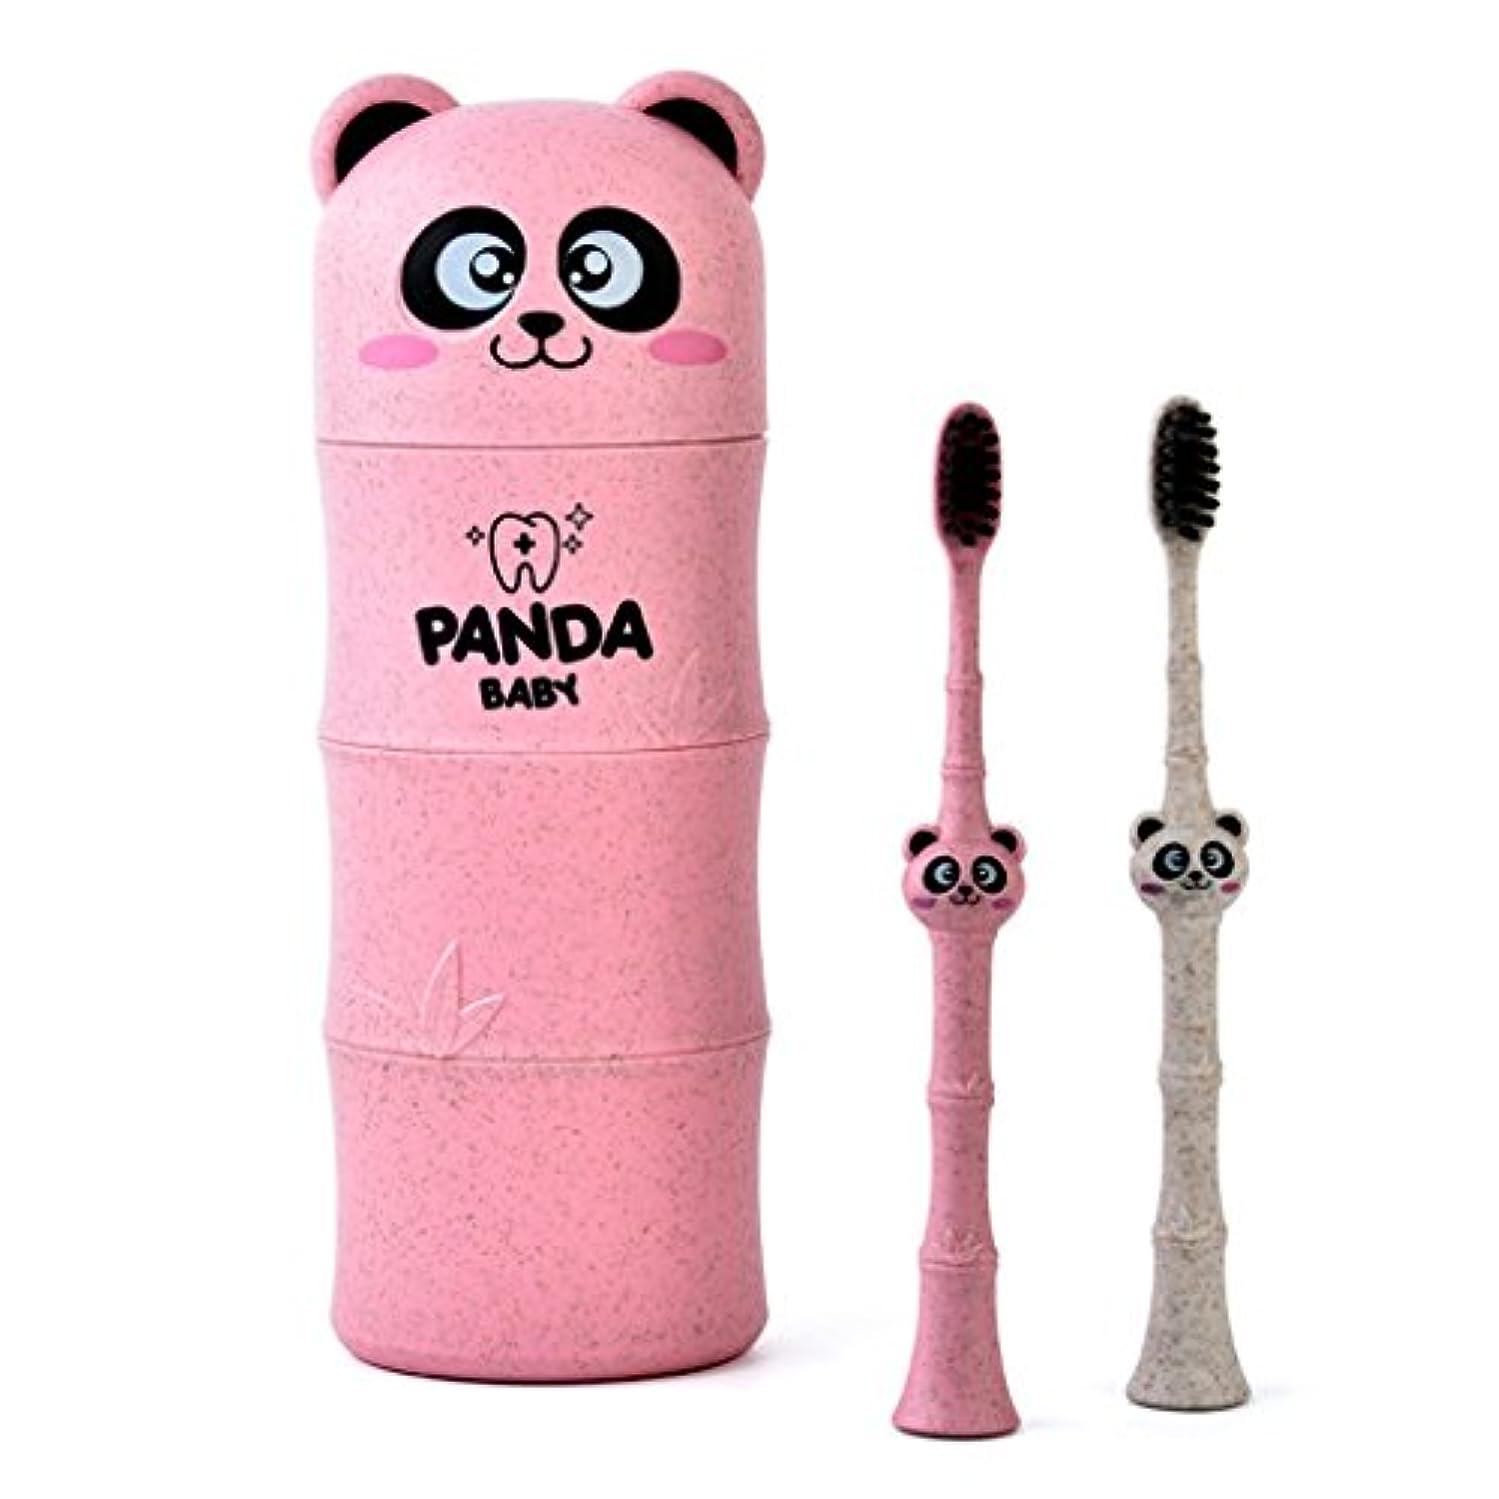 気味の悪い原因ベアリングサークルManyao 1セットベビー歯ブラシ小麦ストロー漫画パンダ幼児子供歯科口腔ケア (ピンク)